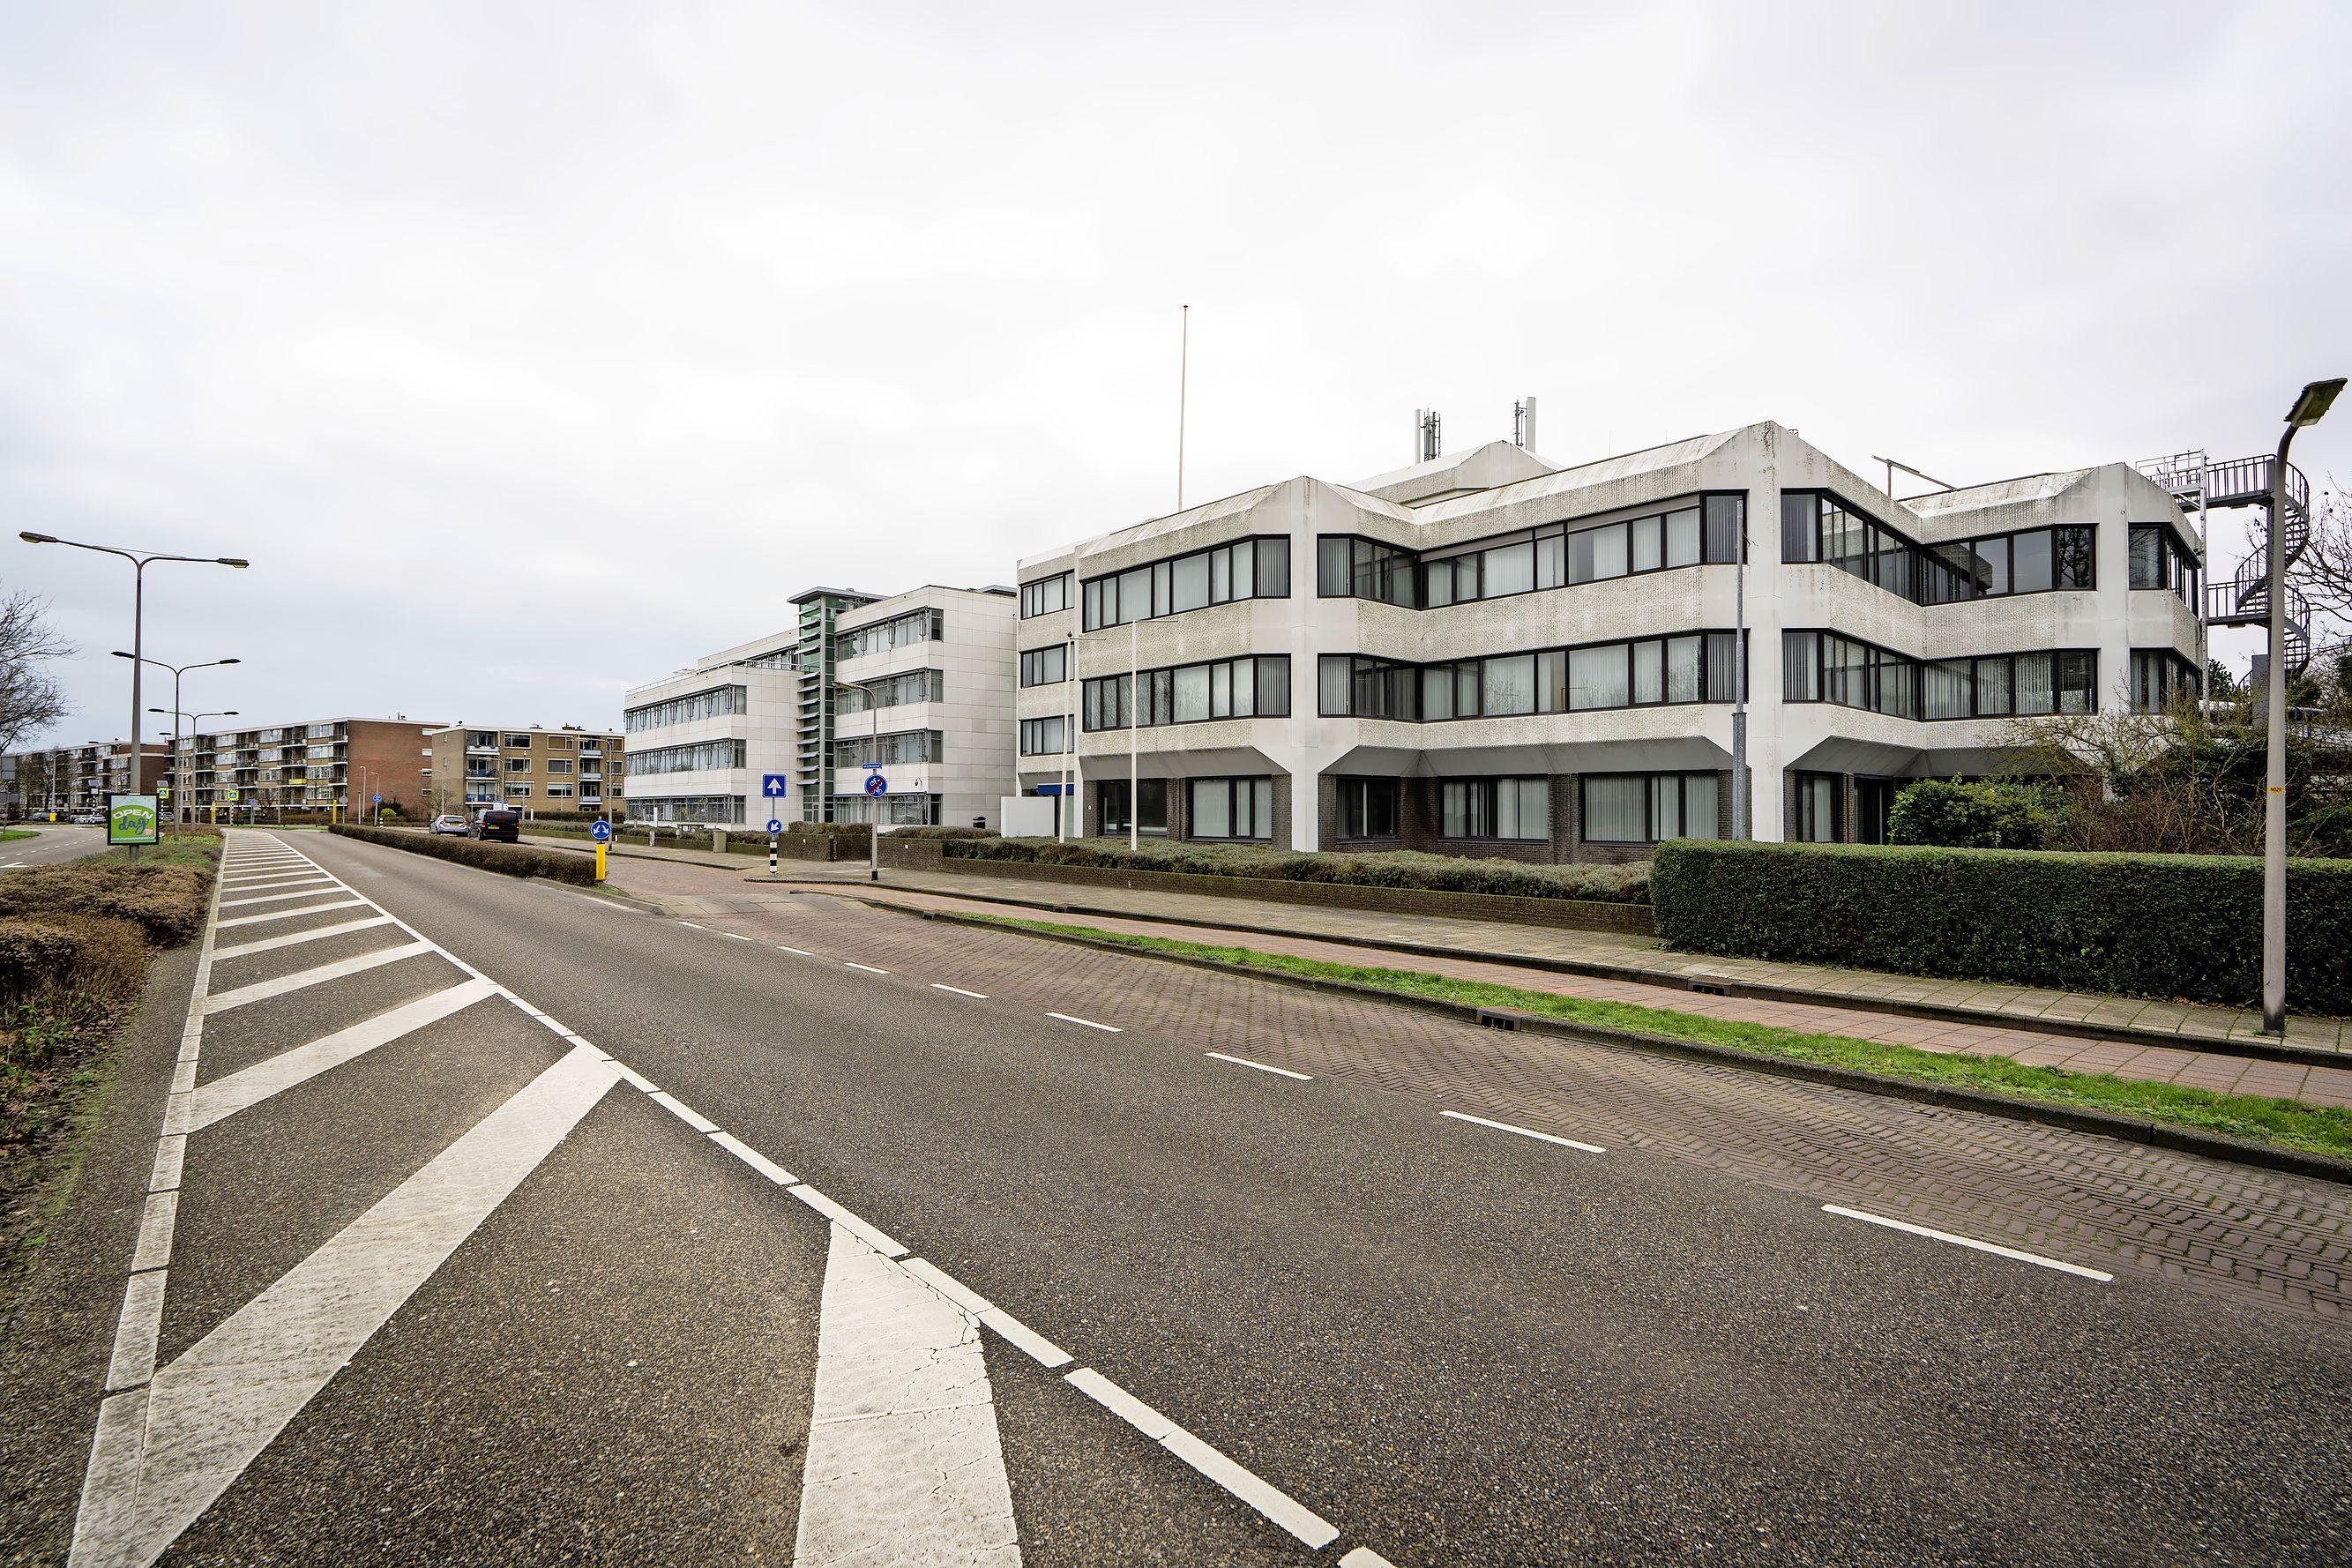 Na 2025 dip in nieuwbouw Noordwijk. 'Hapering in bouwstroom is zorgelijk'